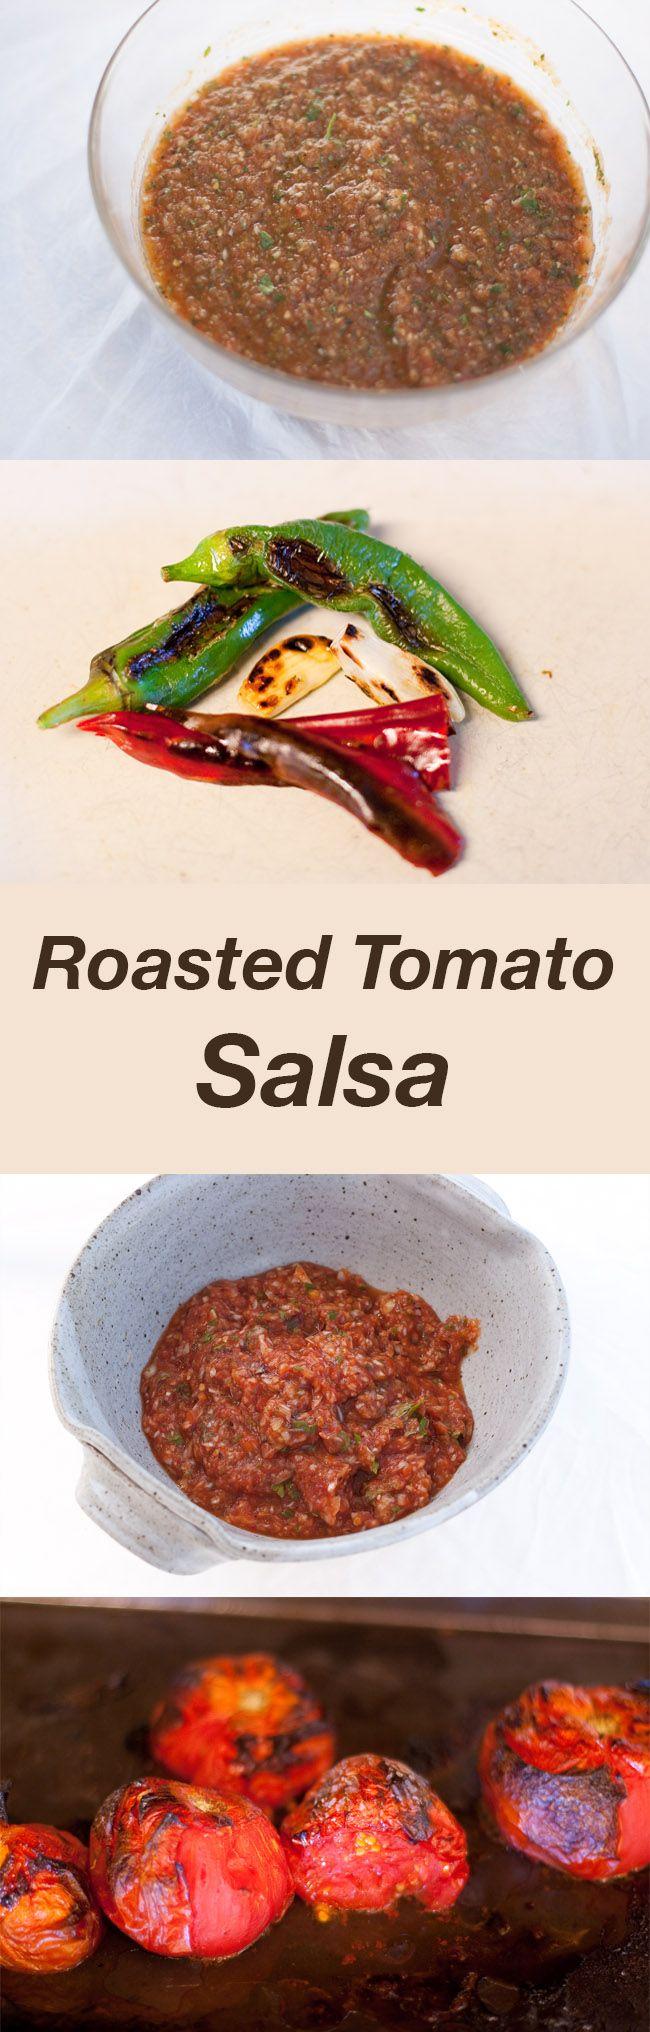 Roasted Tomato Salsa on Pinterest | Roasted salsa recipe, Roasted ...